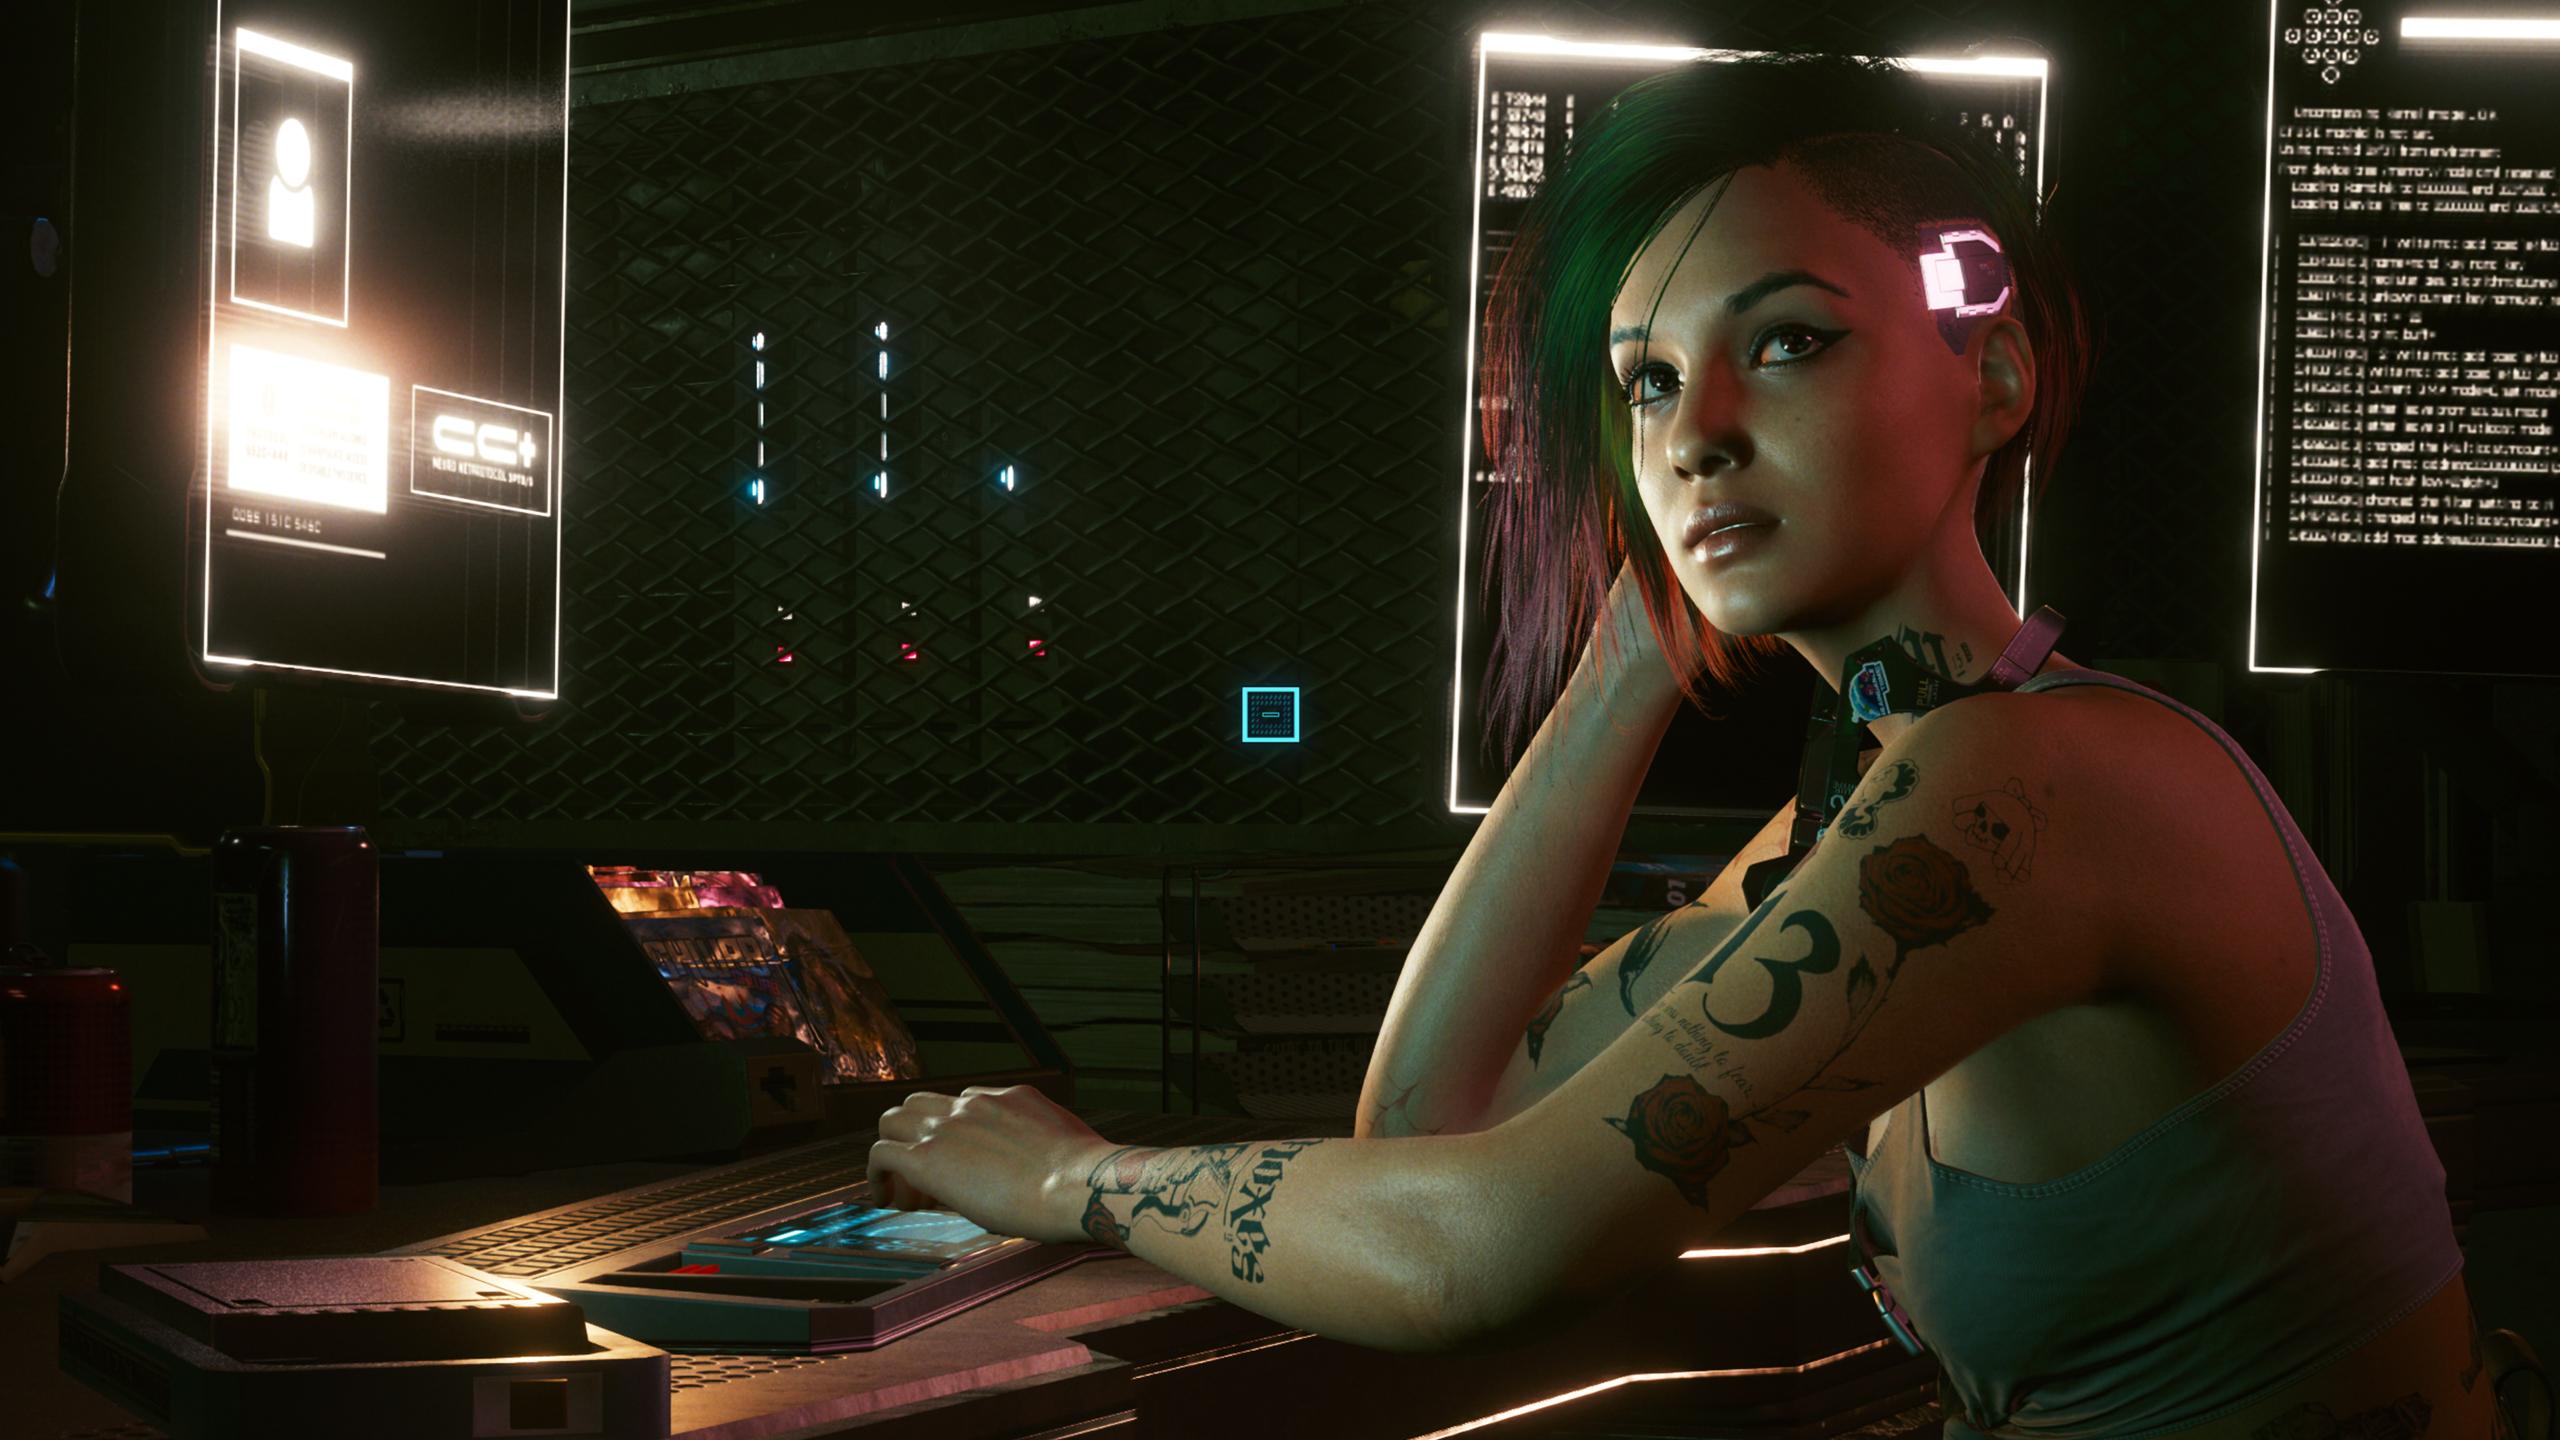 Cyberpunk 2077 นักขุดไฟล์เกมพบเควสที่ไม่มีอยู่ในเกม คาดอาจเป็นเคกฎหมายของ DLC ที่กำลังจะมา